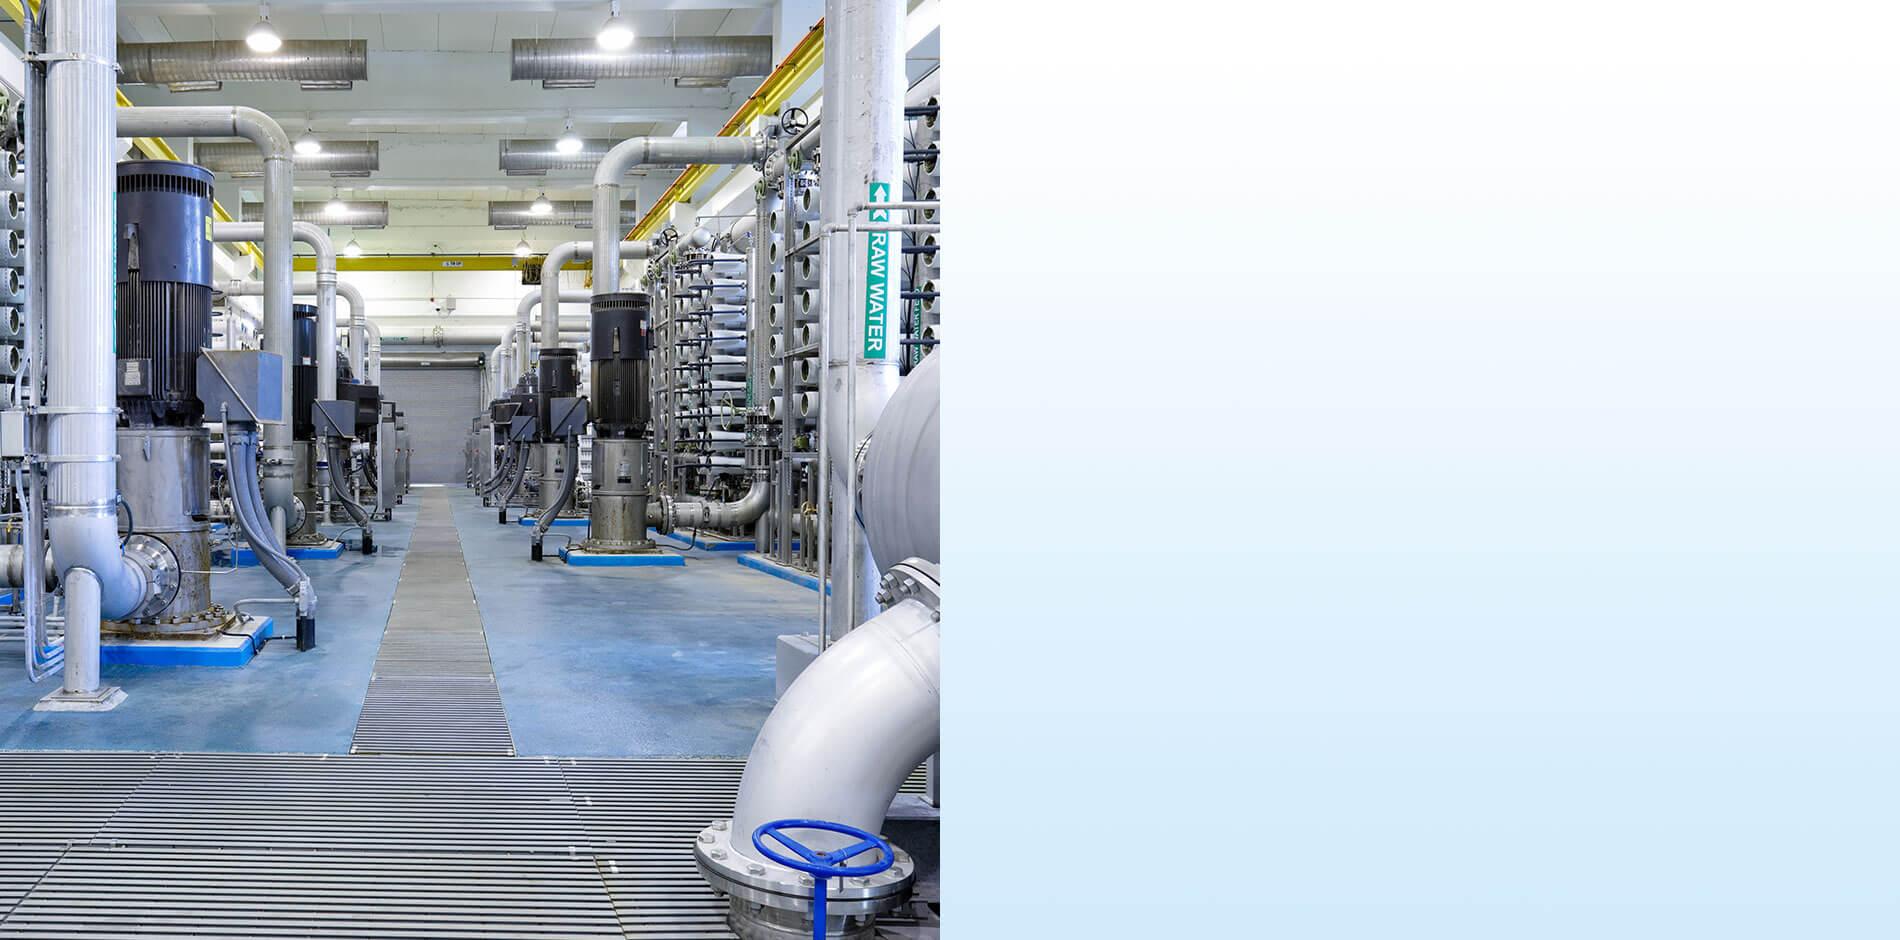 Eficiencia en Energía y Agua: Desalinización de agua de mar